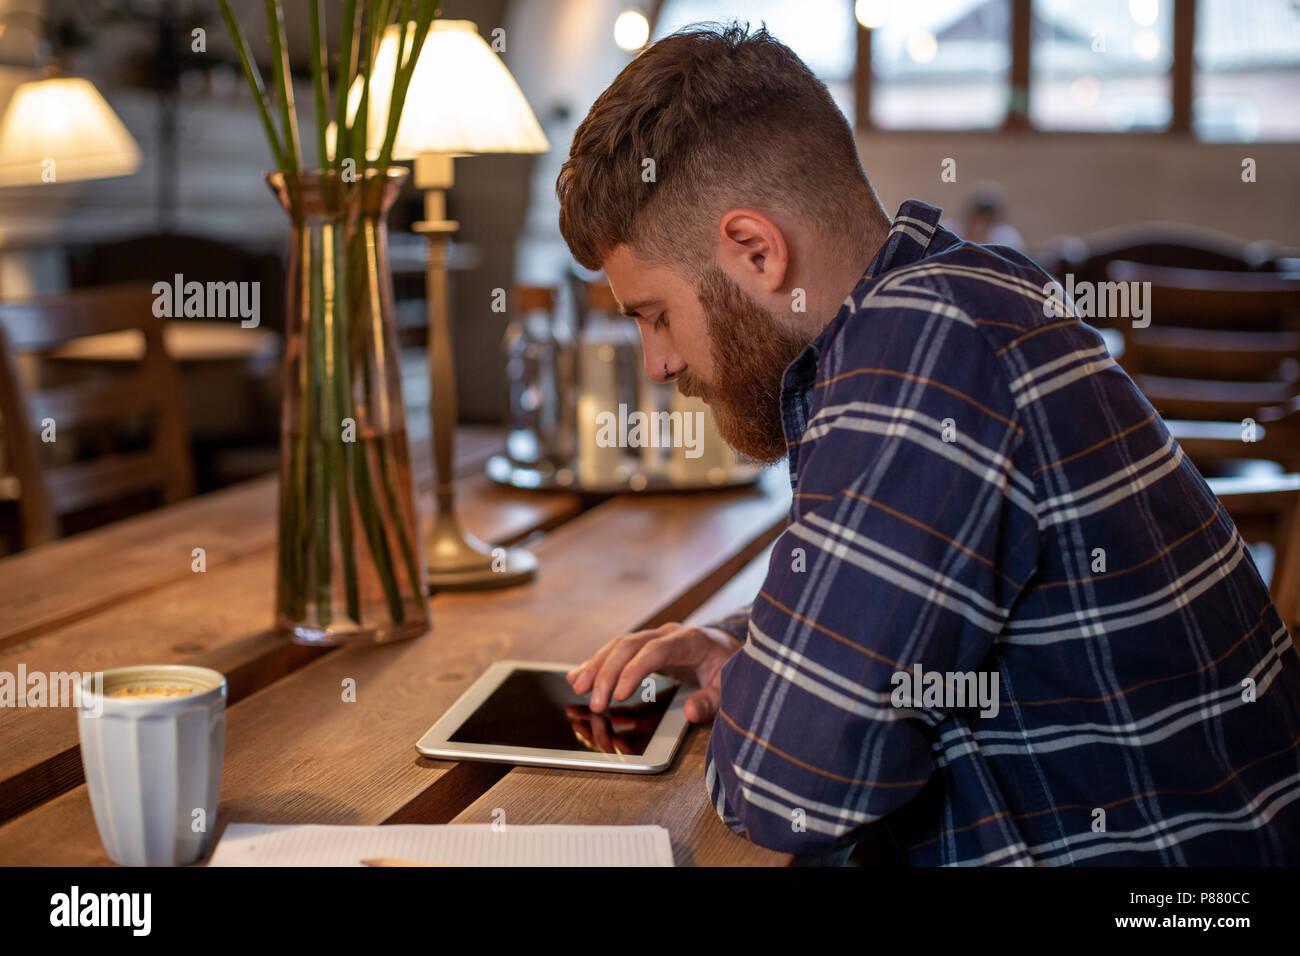 Libero professionista vestito in abiti casual concentrarsi sulla lettura di notizie e alla ricerca sulla tavoletta digitale mentre è seduto in un accogliente caffetteria urbano. Immagini Stock